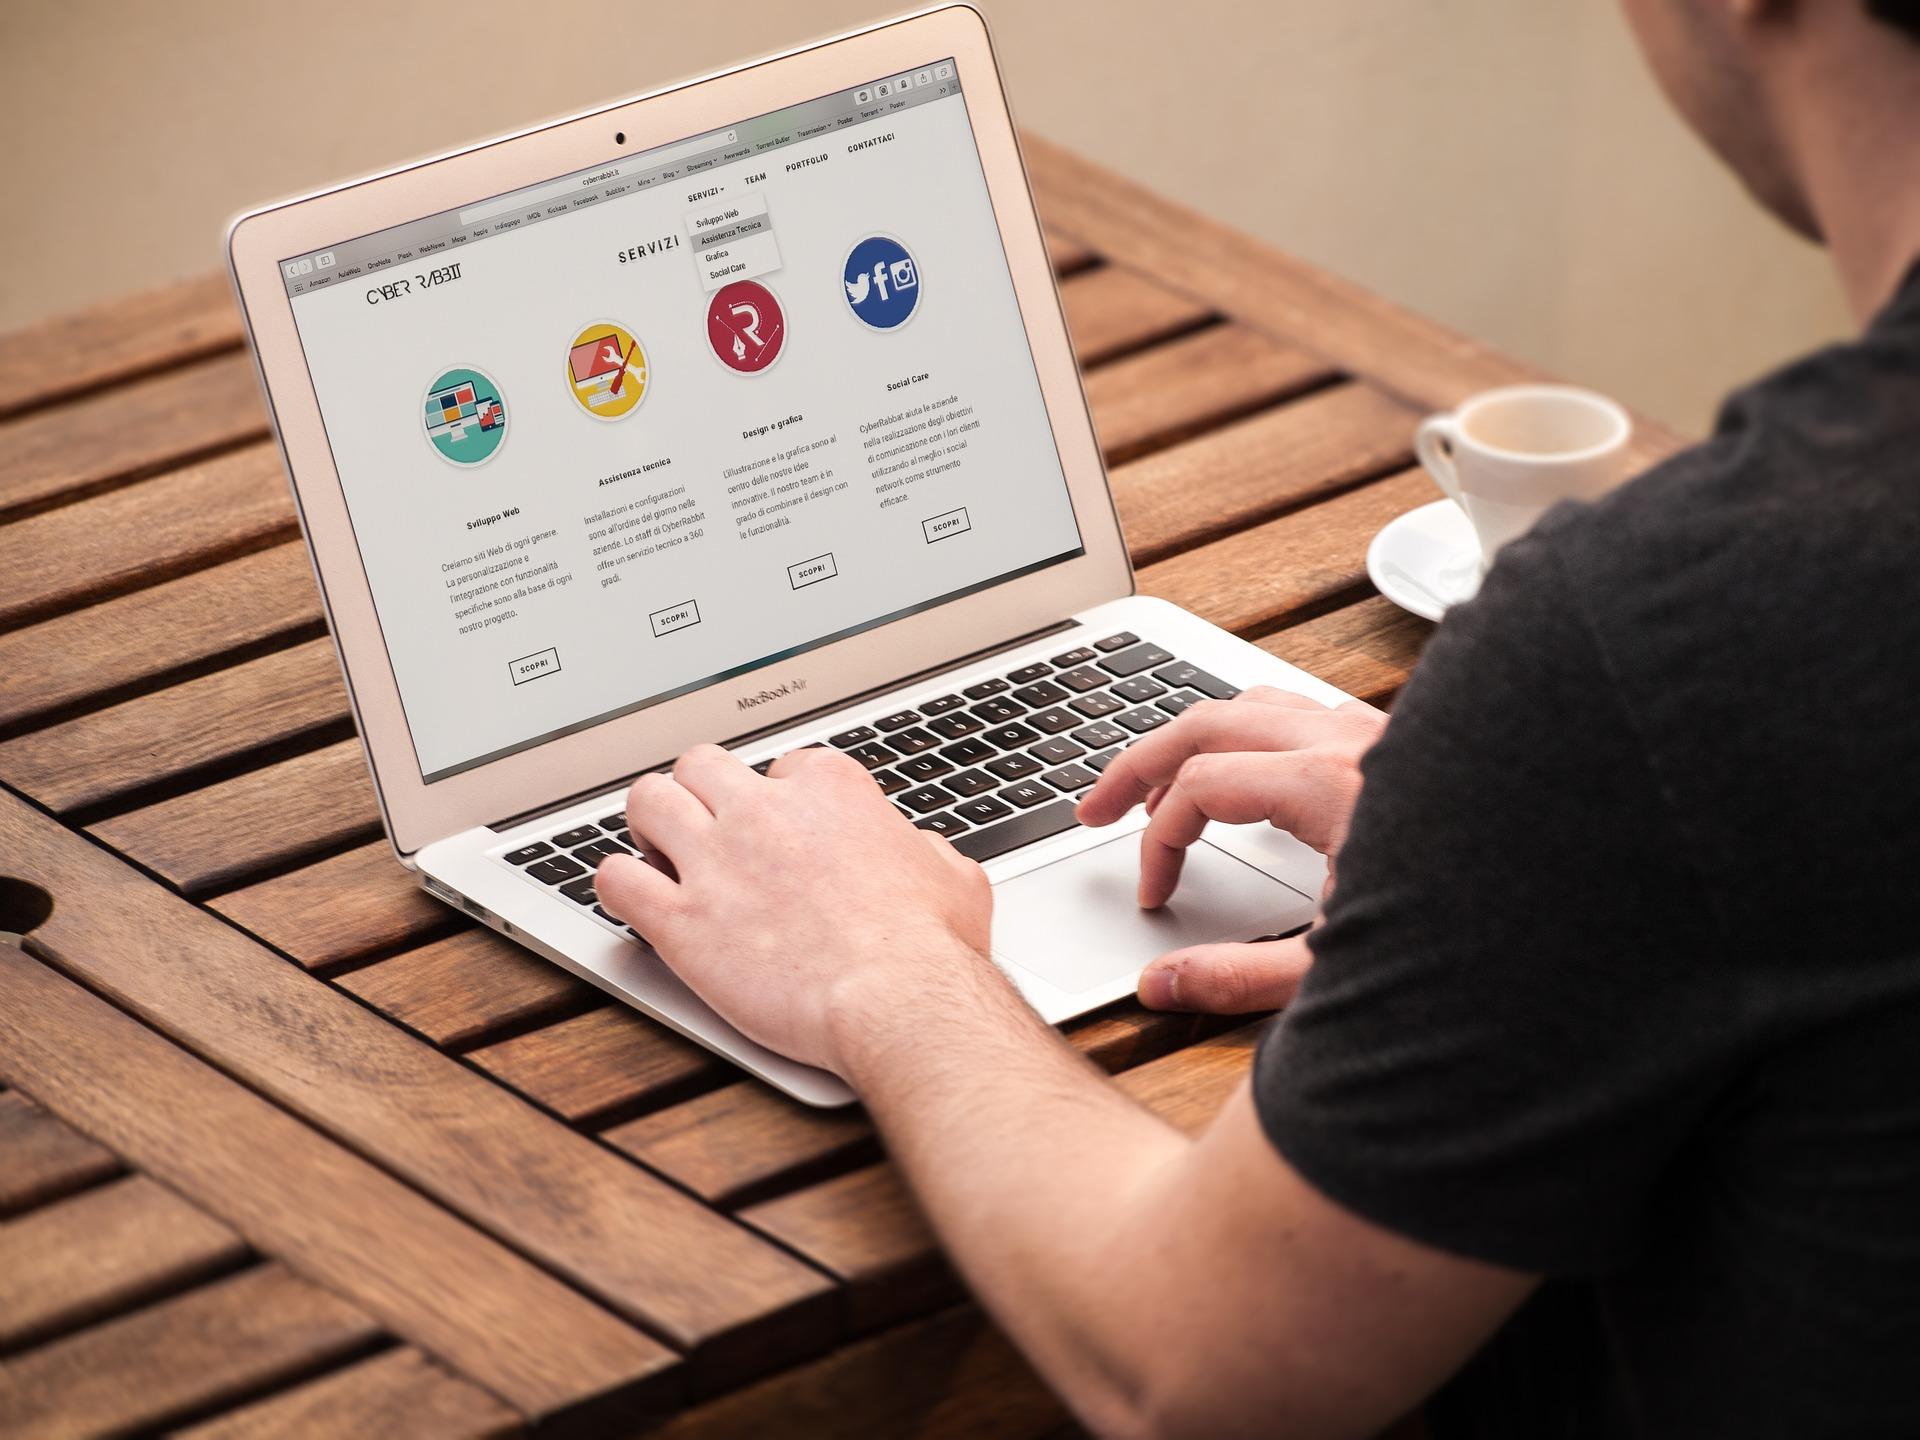 web design training in coimbatore